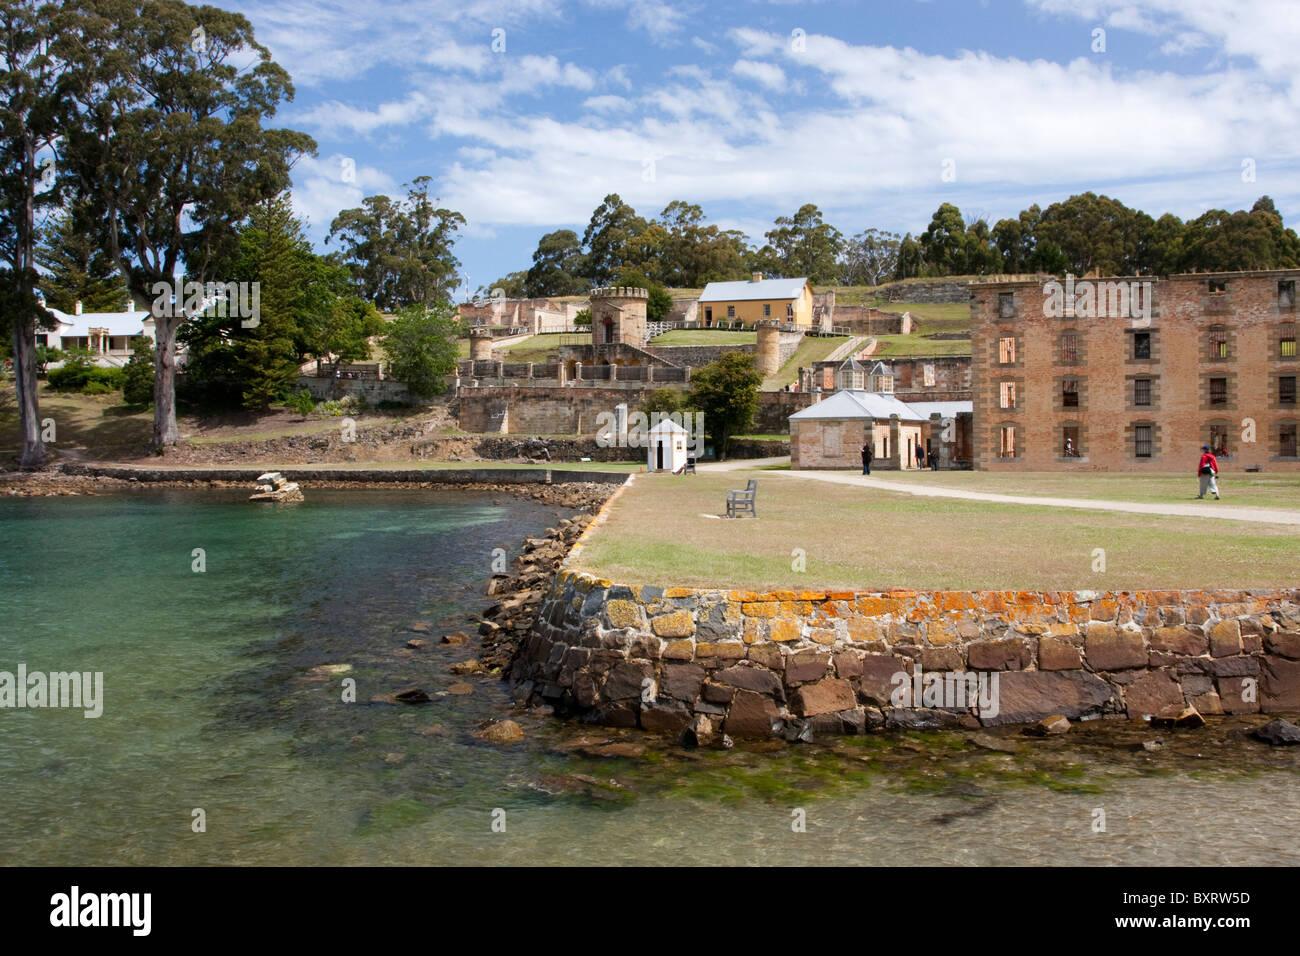 Australia e Tasmania, Penisola Tasmana, Port Arthur, vista di edifici del sito storico Immagini Stock